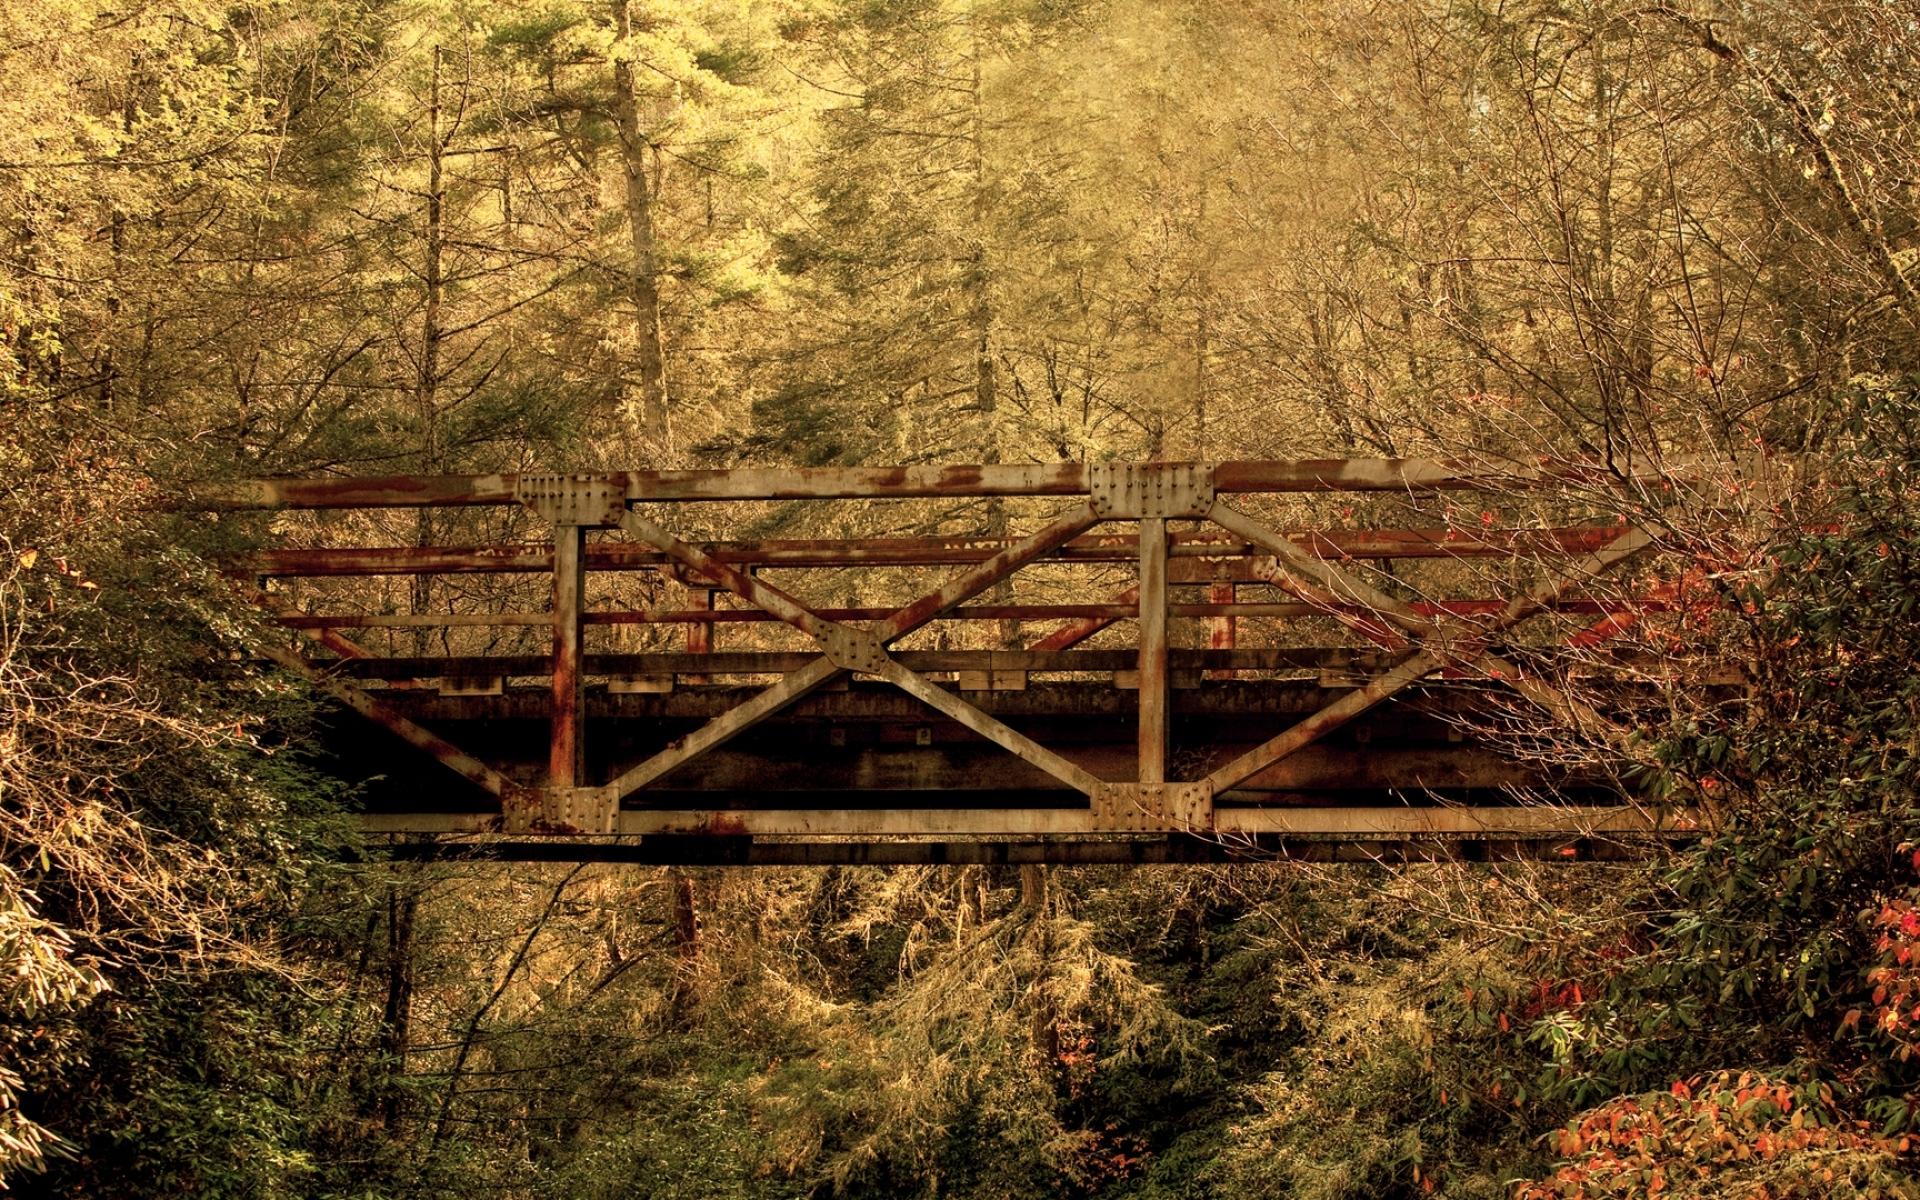 Картинки Мост, дерево, деревья, перекладины фото и обои на рабочий стол